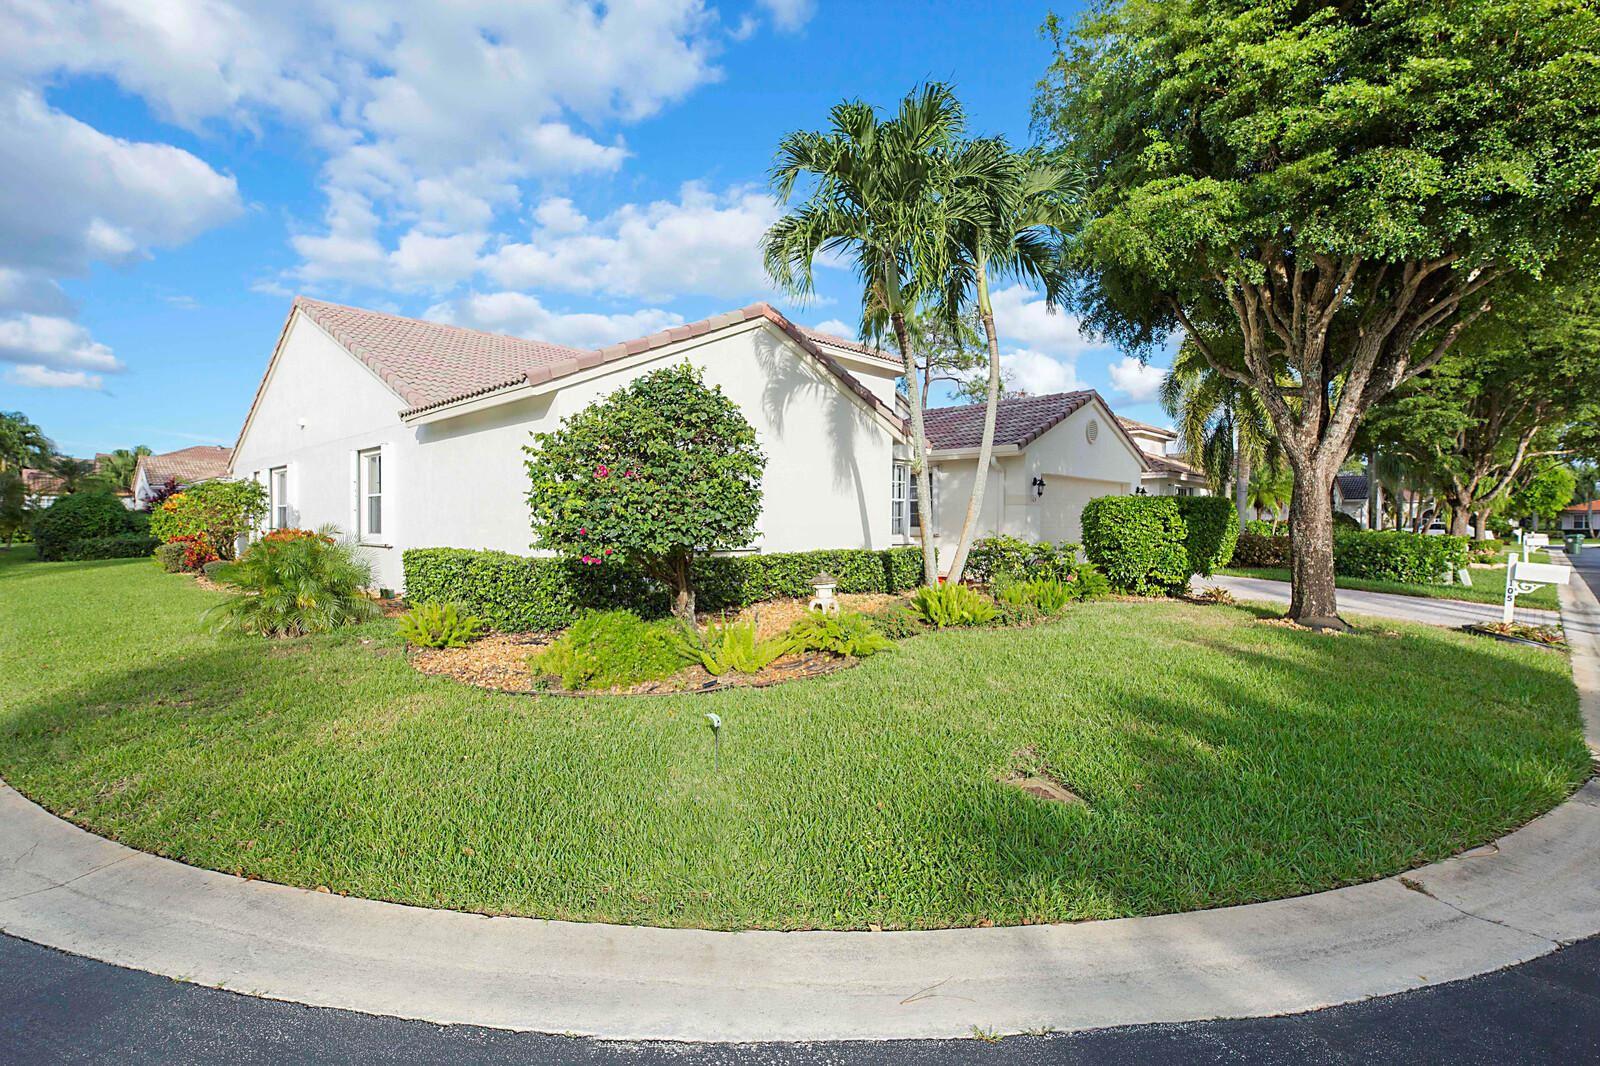 Photo of 105 Egret Circle, Greenacres, FL 33413 (MLS # RX-10672640)